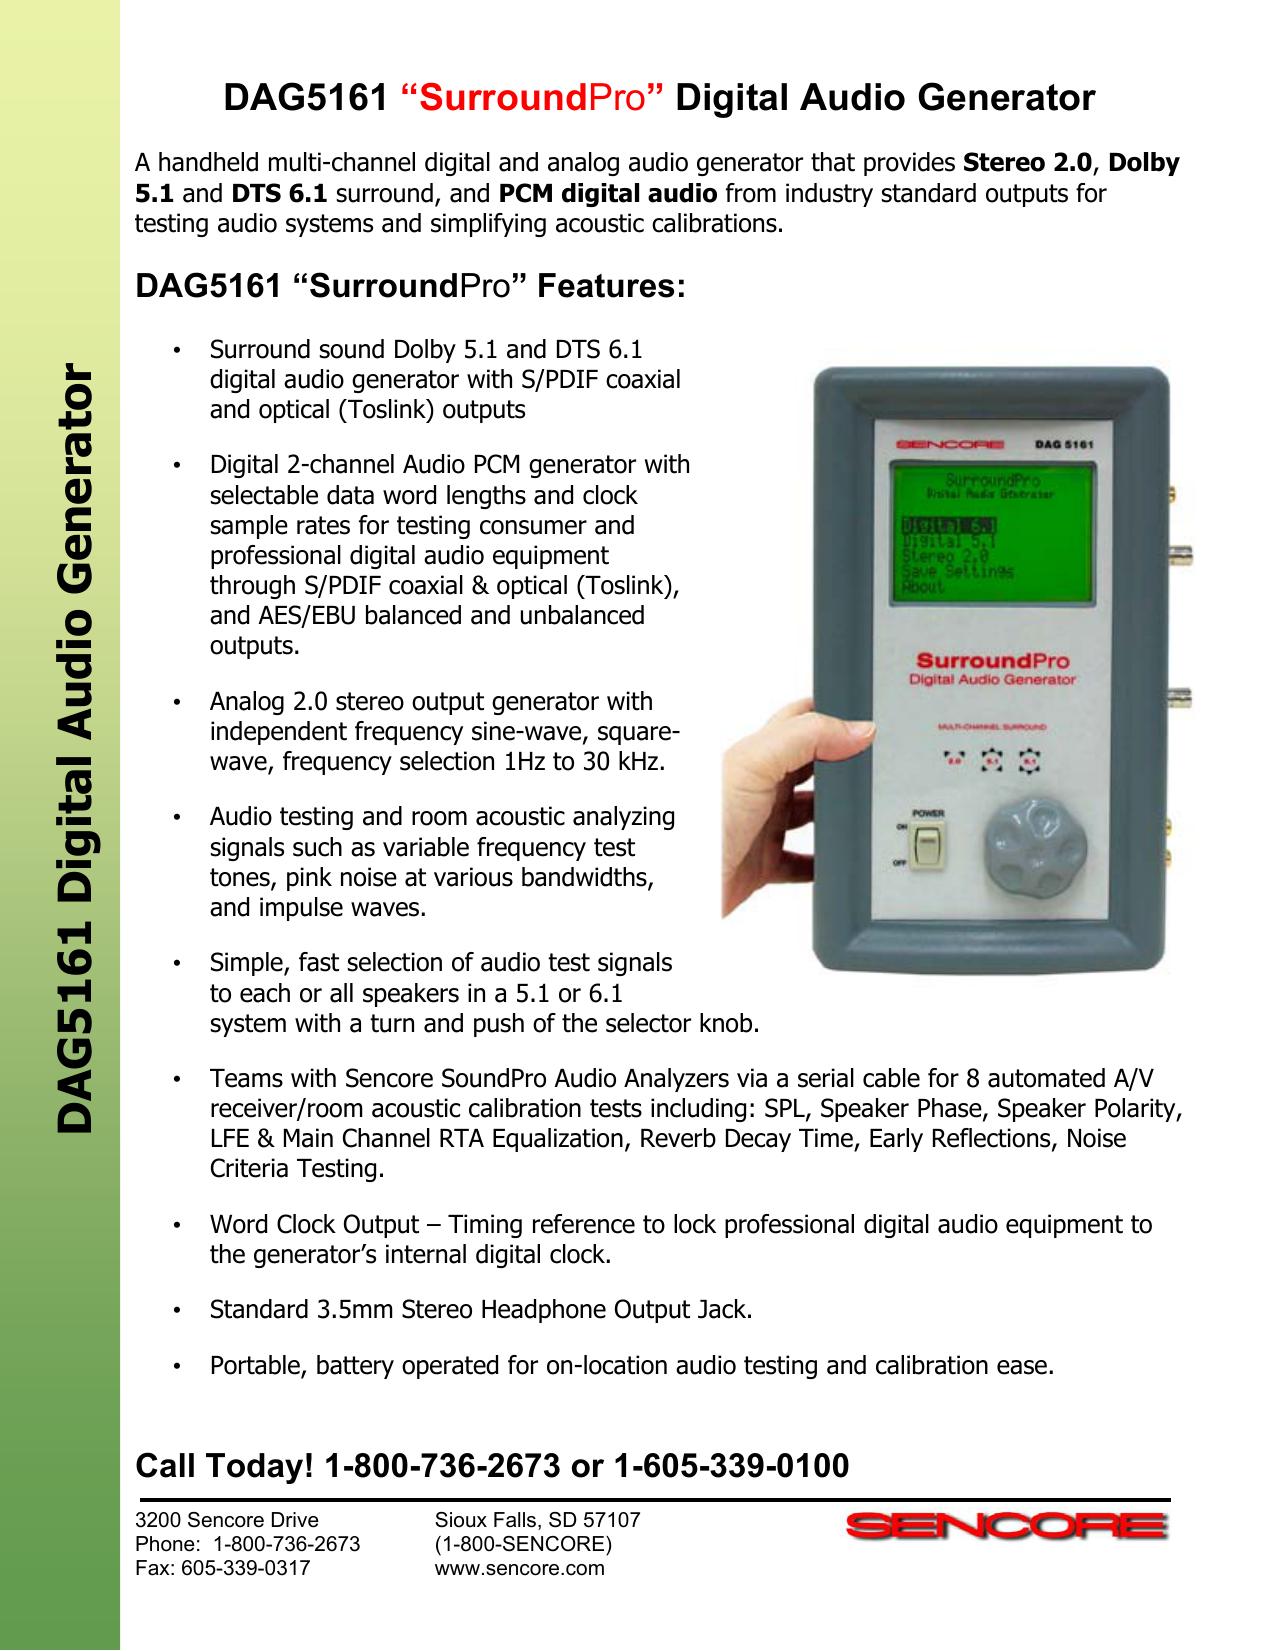 DAG5161 Digital Audio Generato r   manualzz com